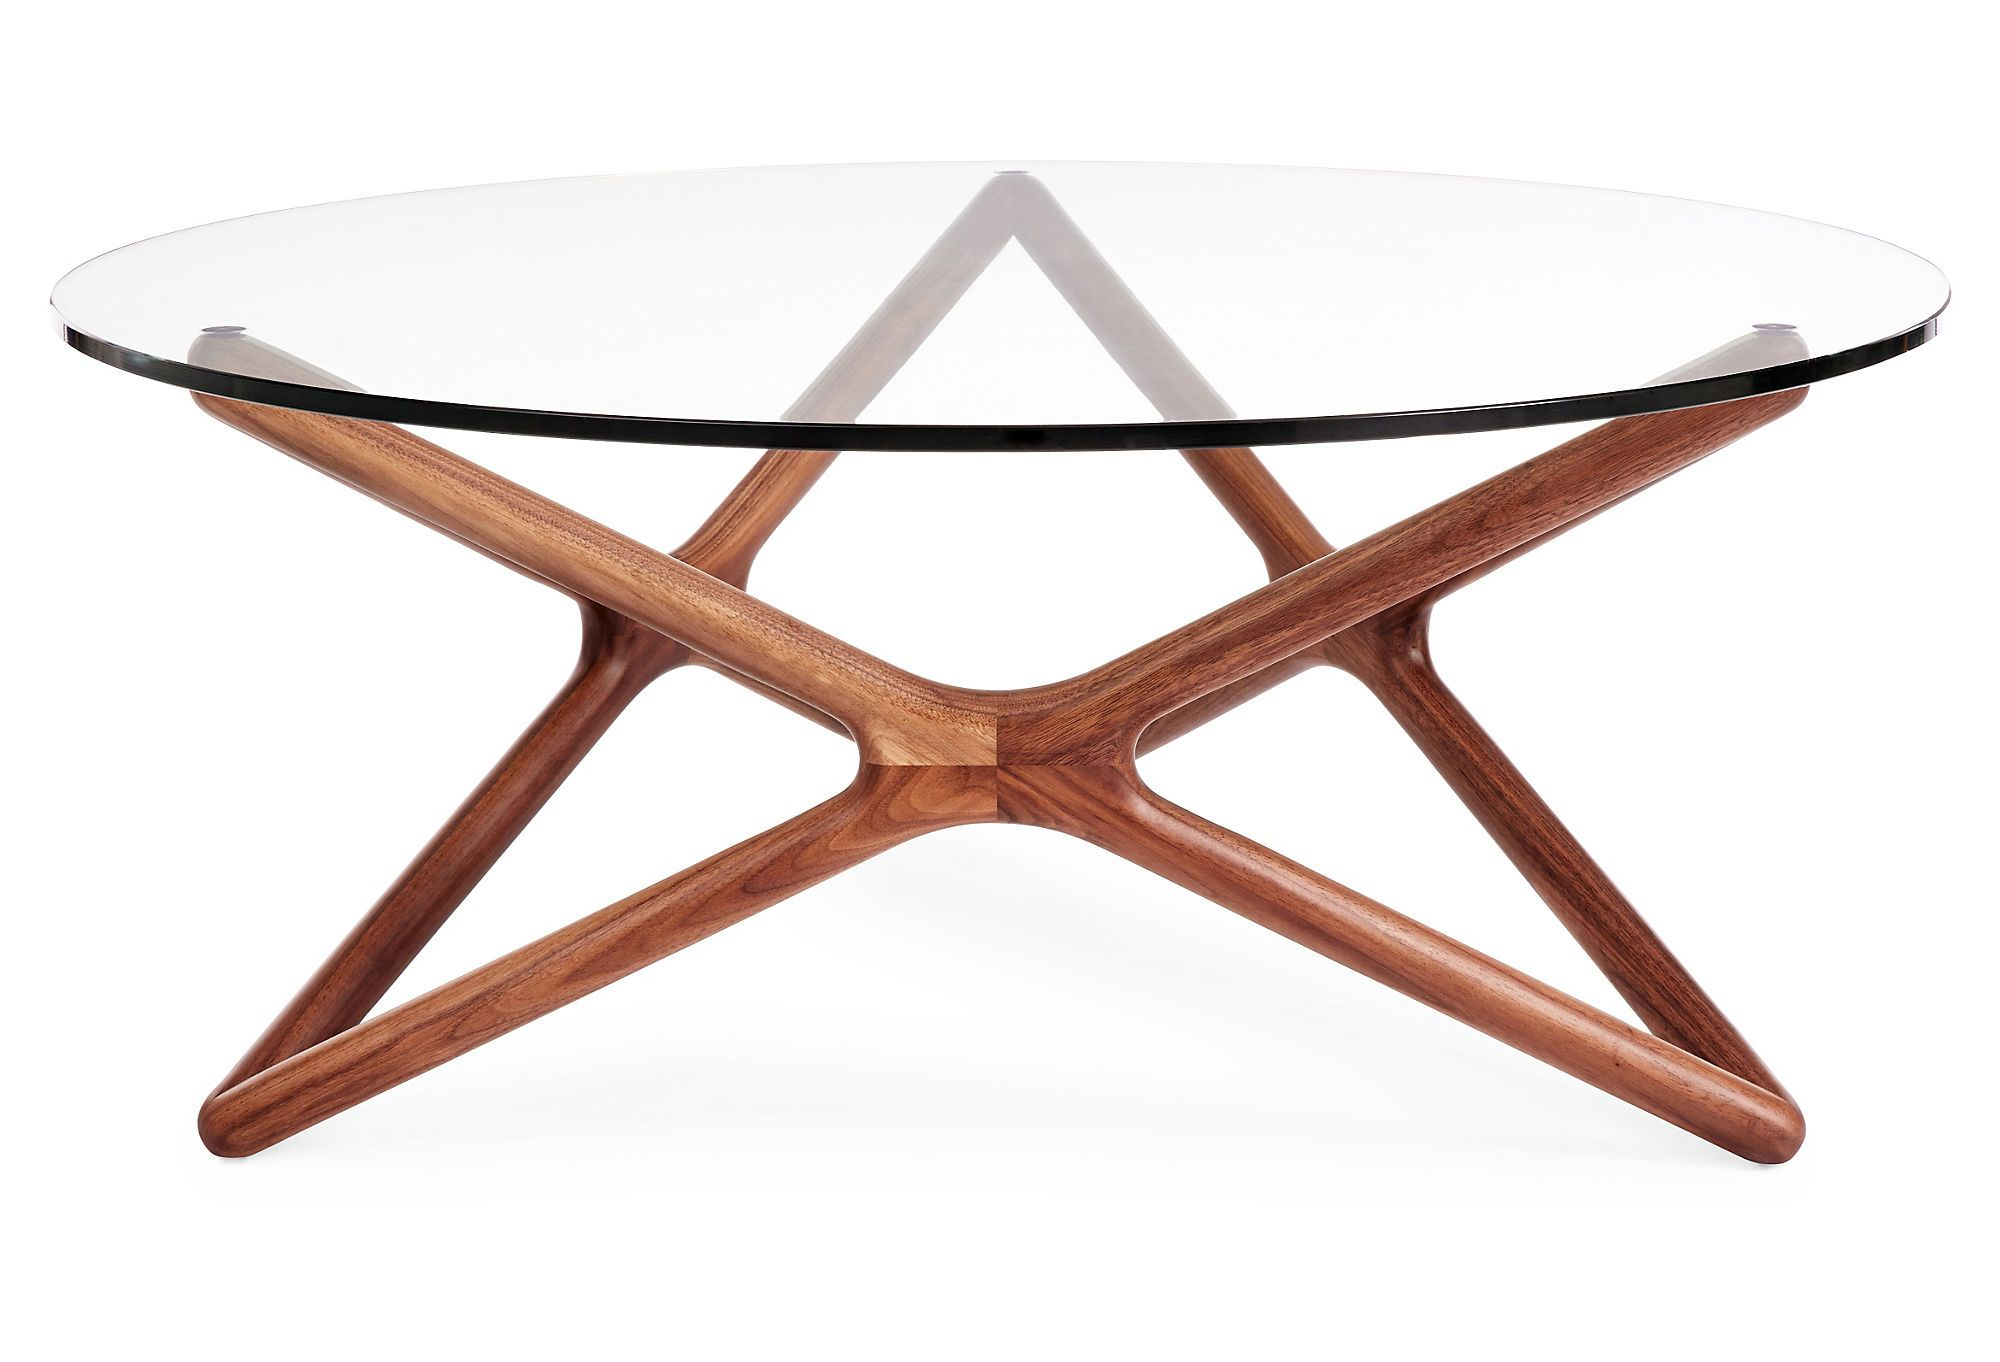 Star Glass Coffee Table Walnut Glass Coffee Table Coffee Table Glass Top Coffee Table [ 1362 x 2000 Pixel ]